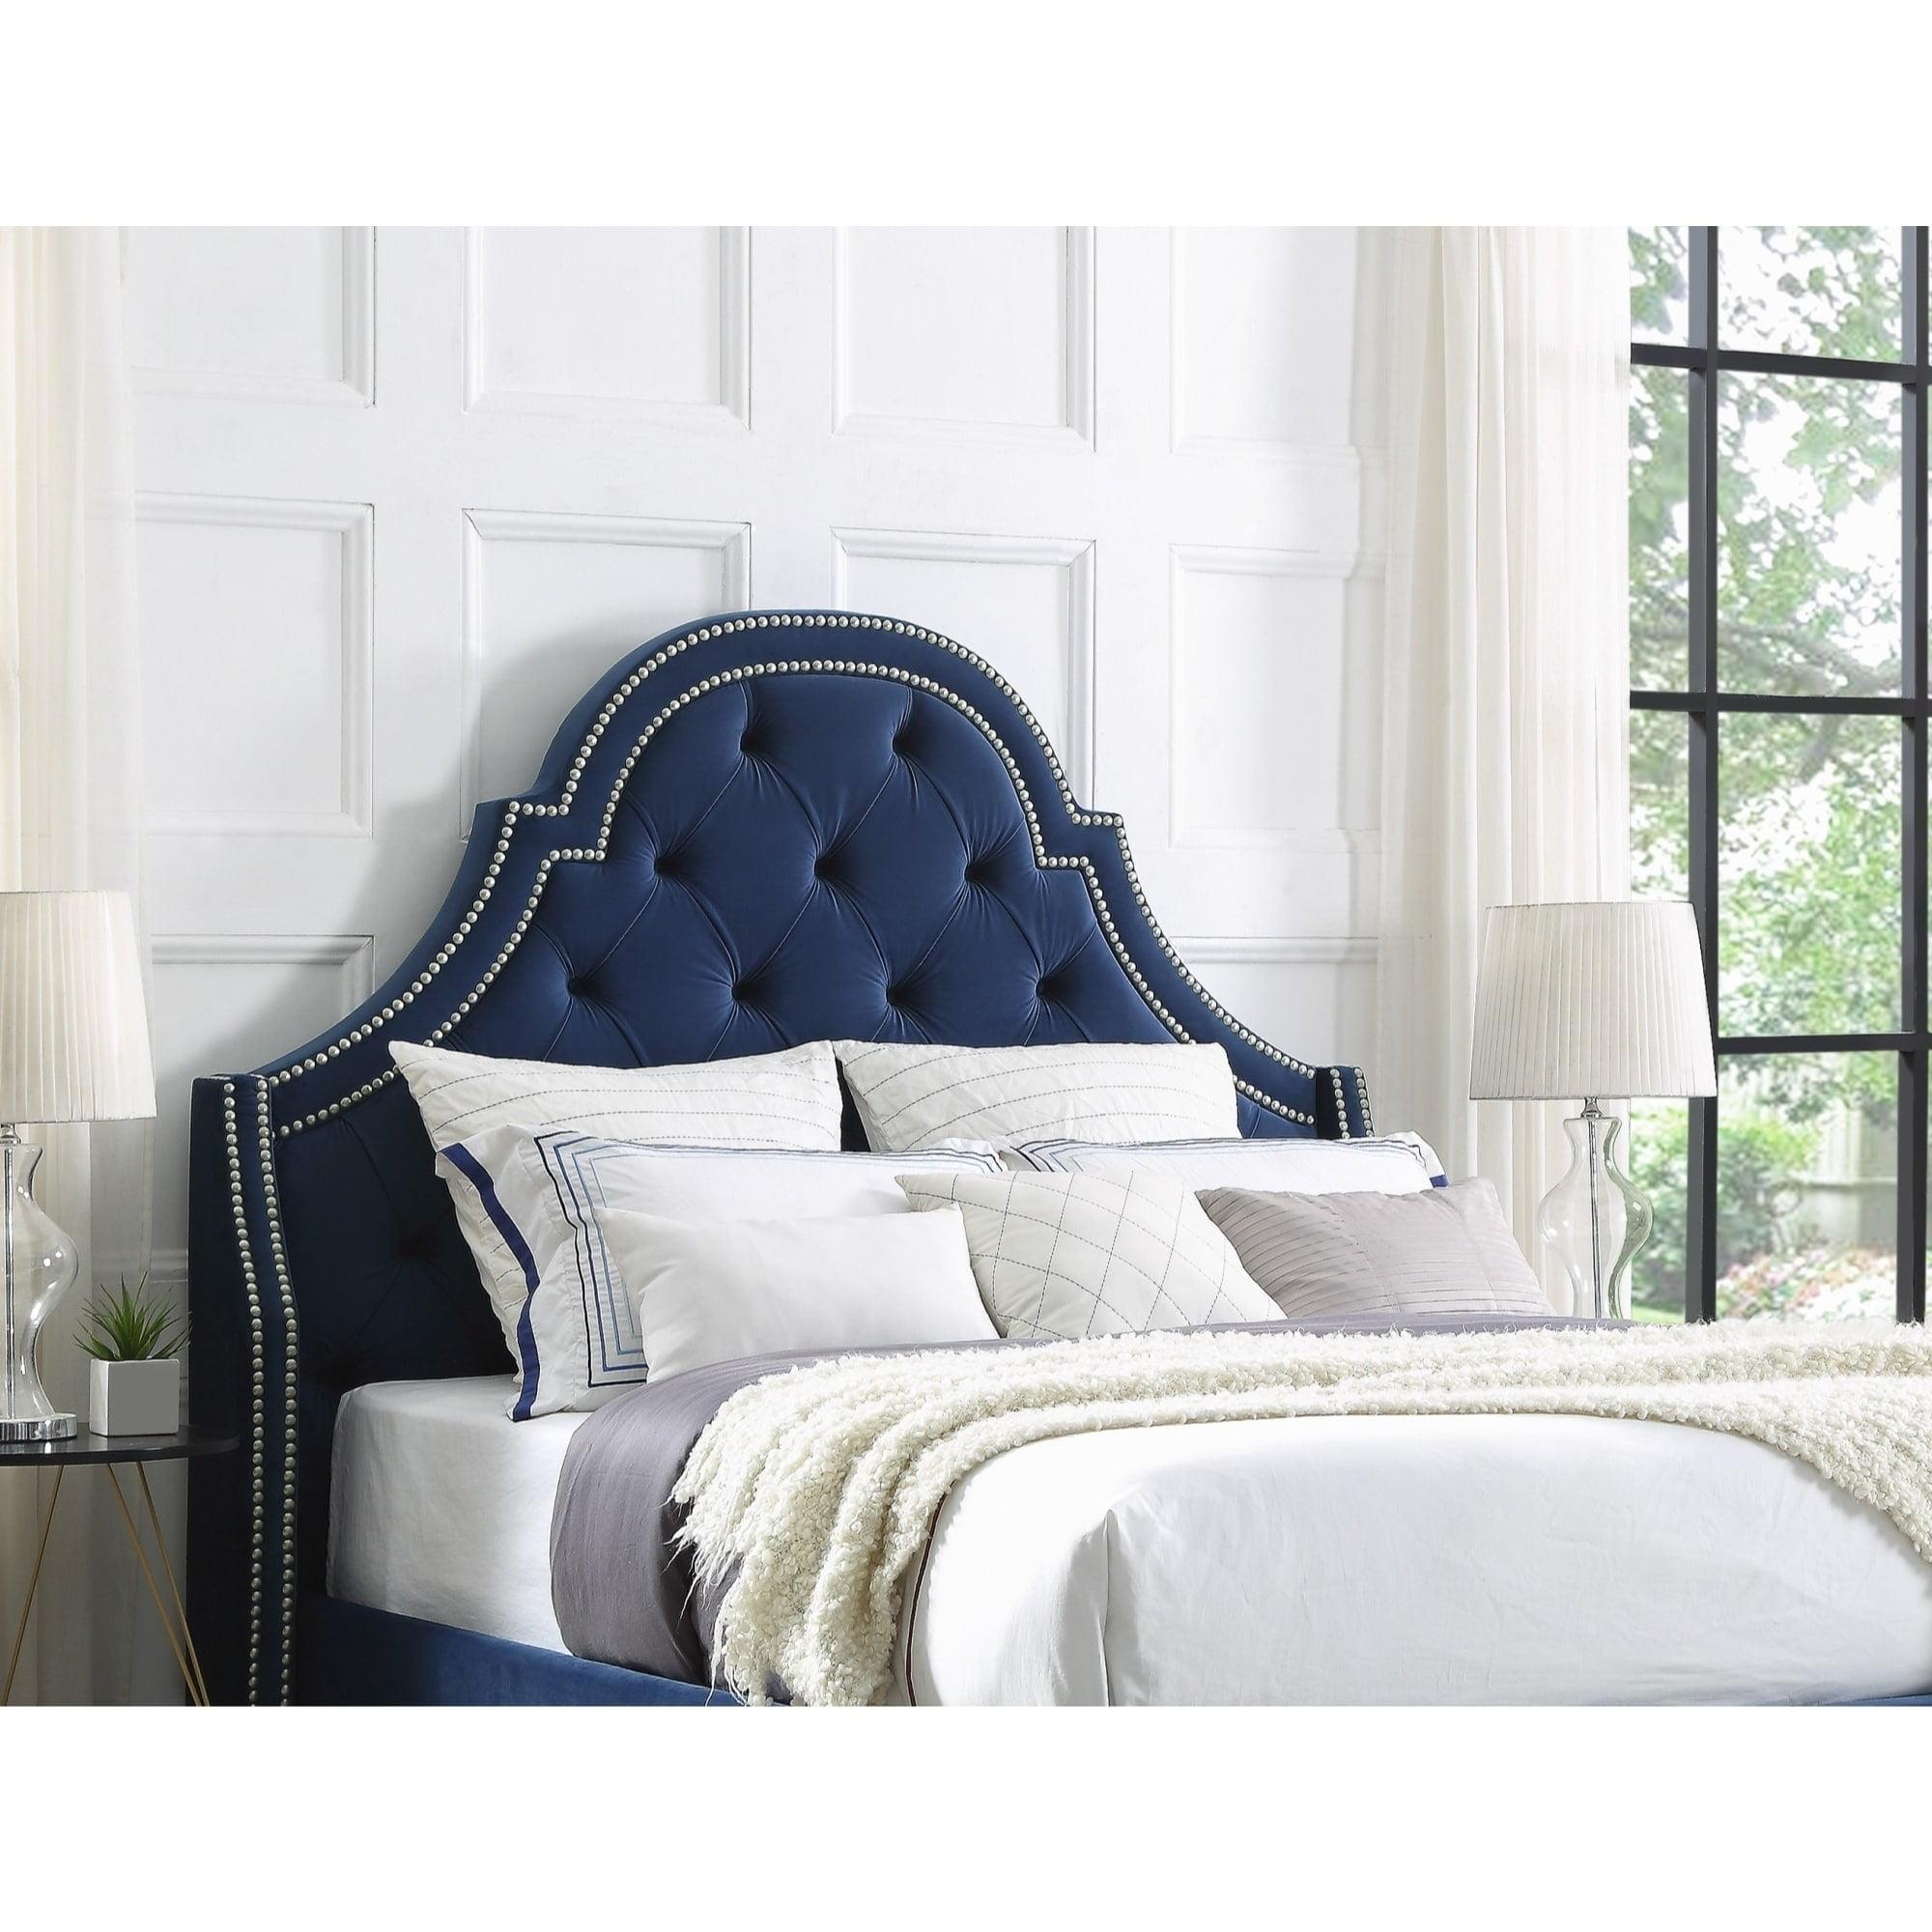 Inspired Home Katelynn Velvet or Linen Button Tufted Headboard